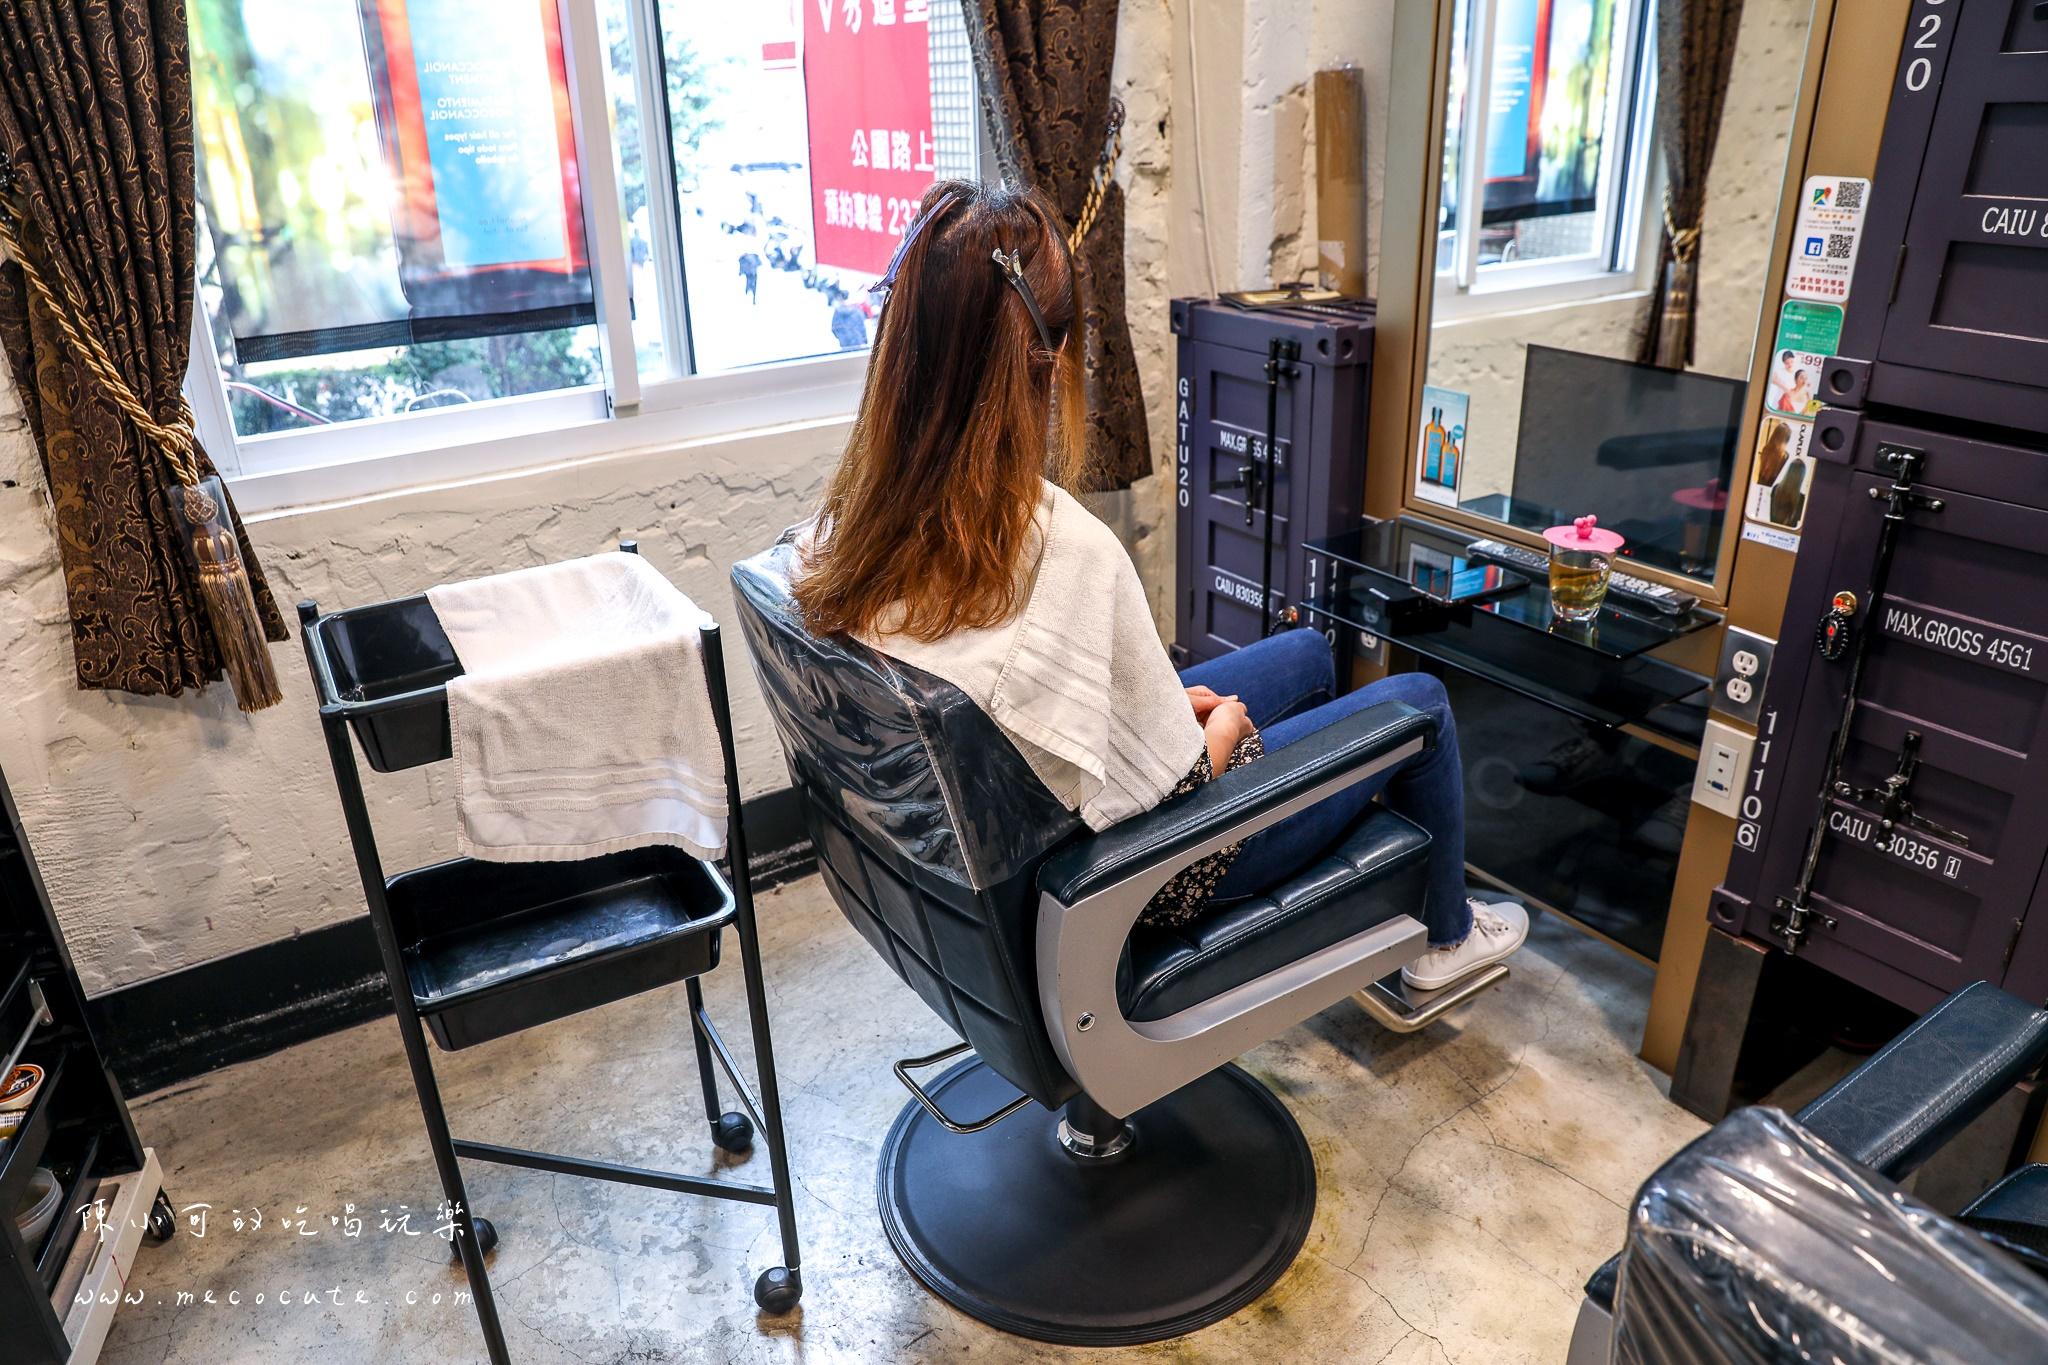 台北車站髮廊推薦:V Show salon造型髮藝(V秀造型髮藝),染髮、結構式護髮一次搞定